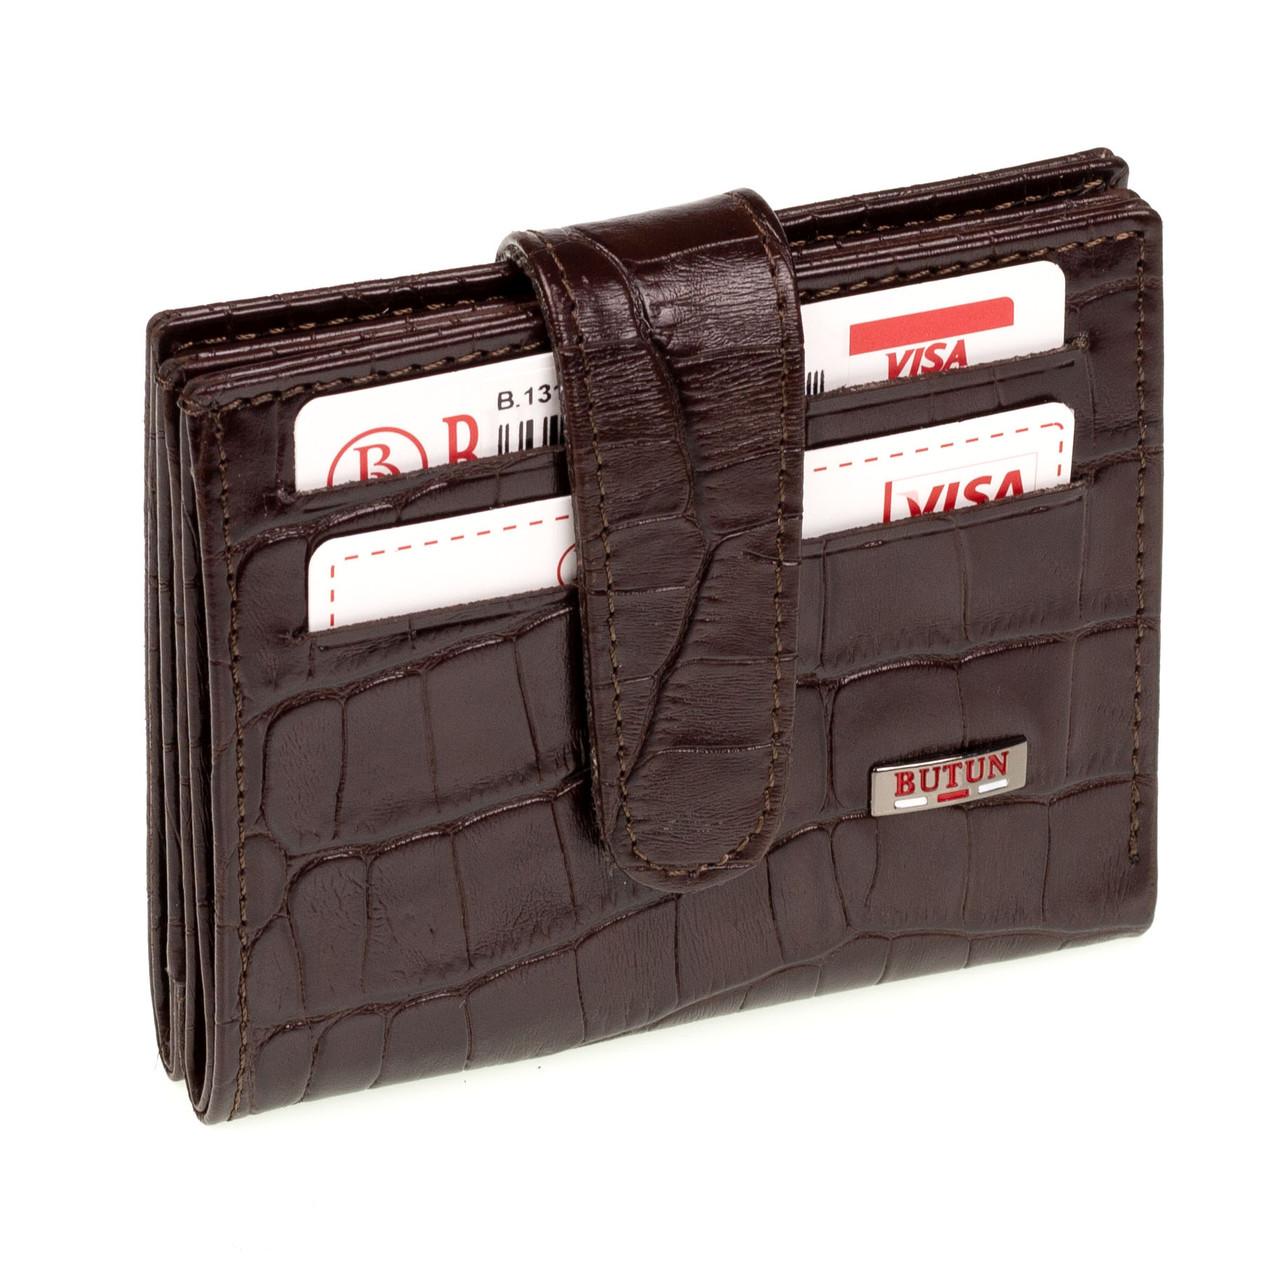 Кожаный картхолдер с отделением для купюр BUTUN 131-002-004 коричневый